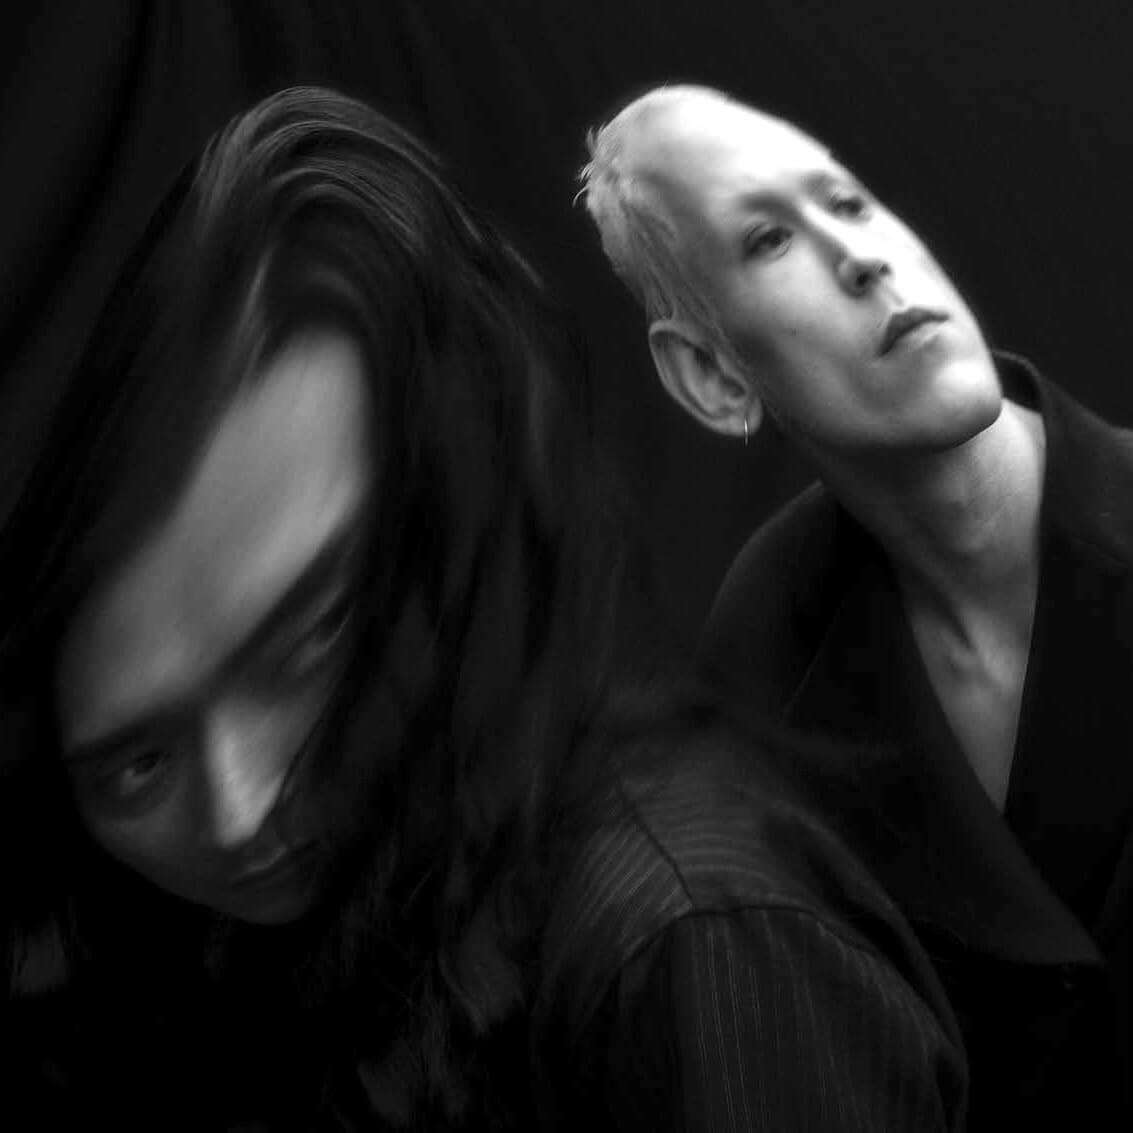 Jan&Naomi artist photo